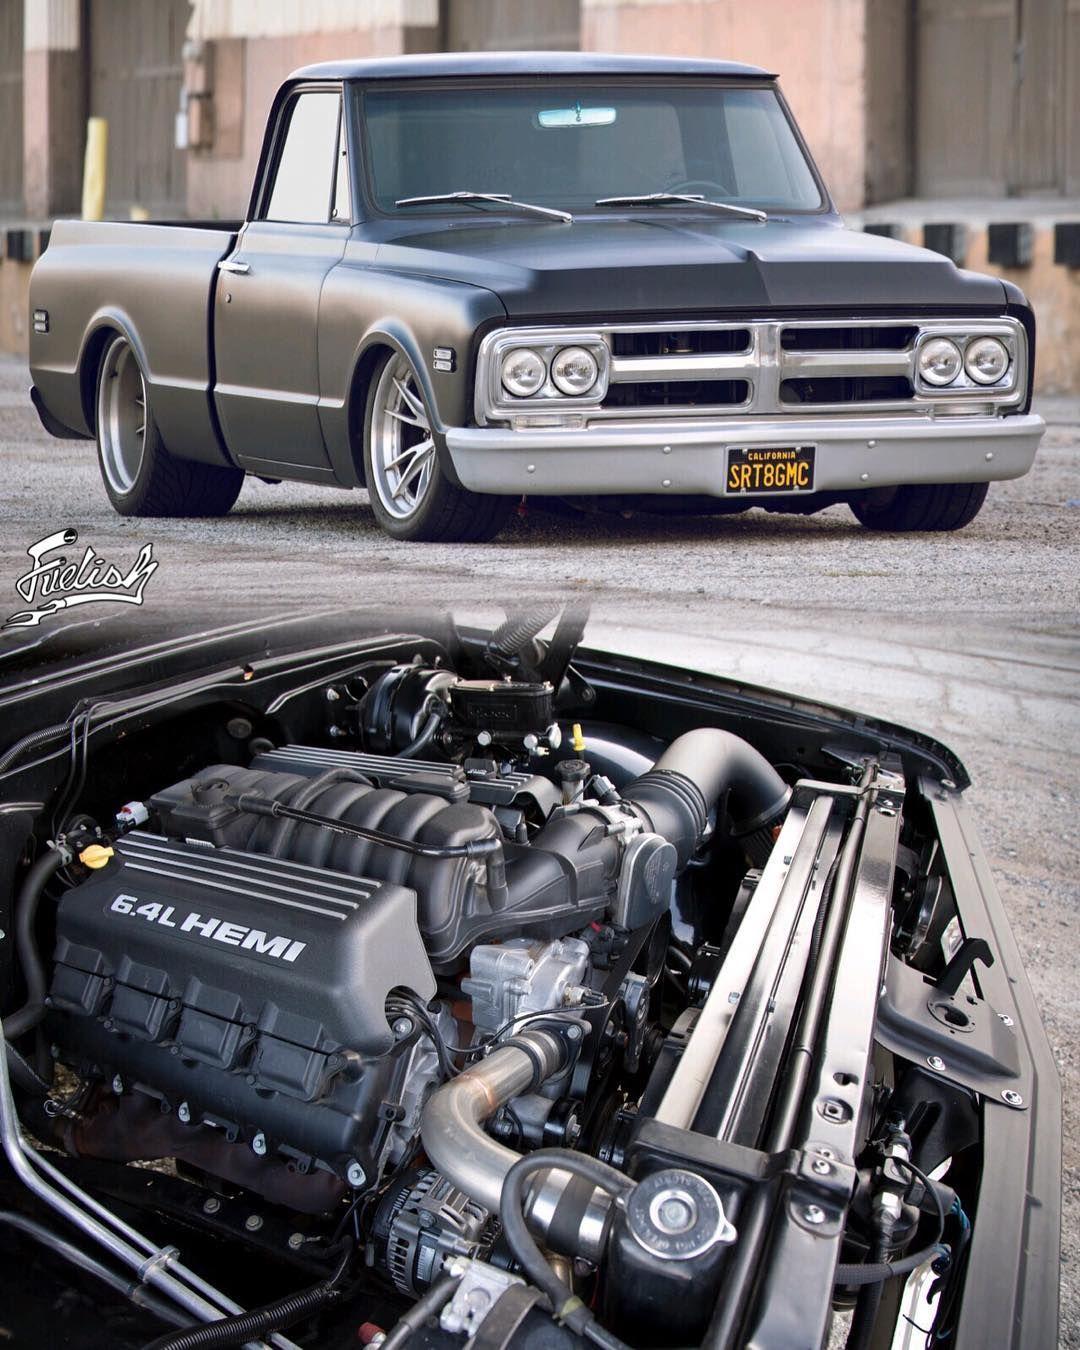 745HP Hellcat-Powered Chevy C10 Pickup